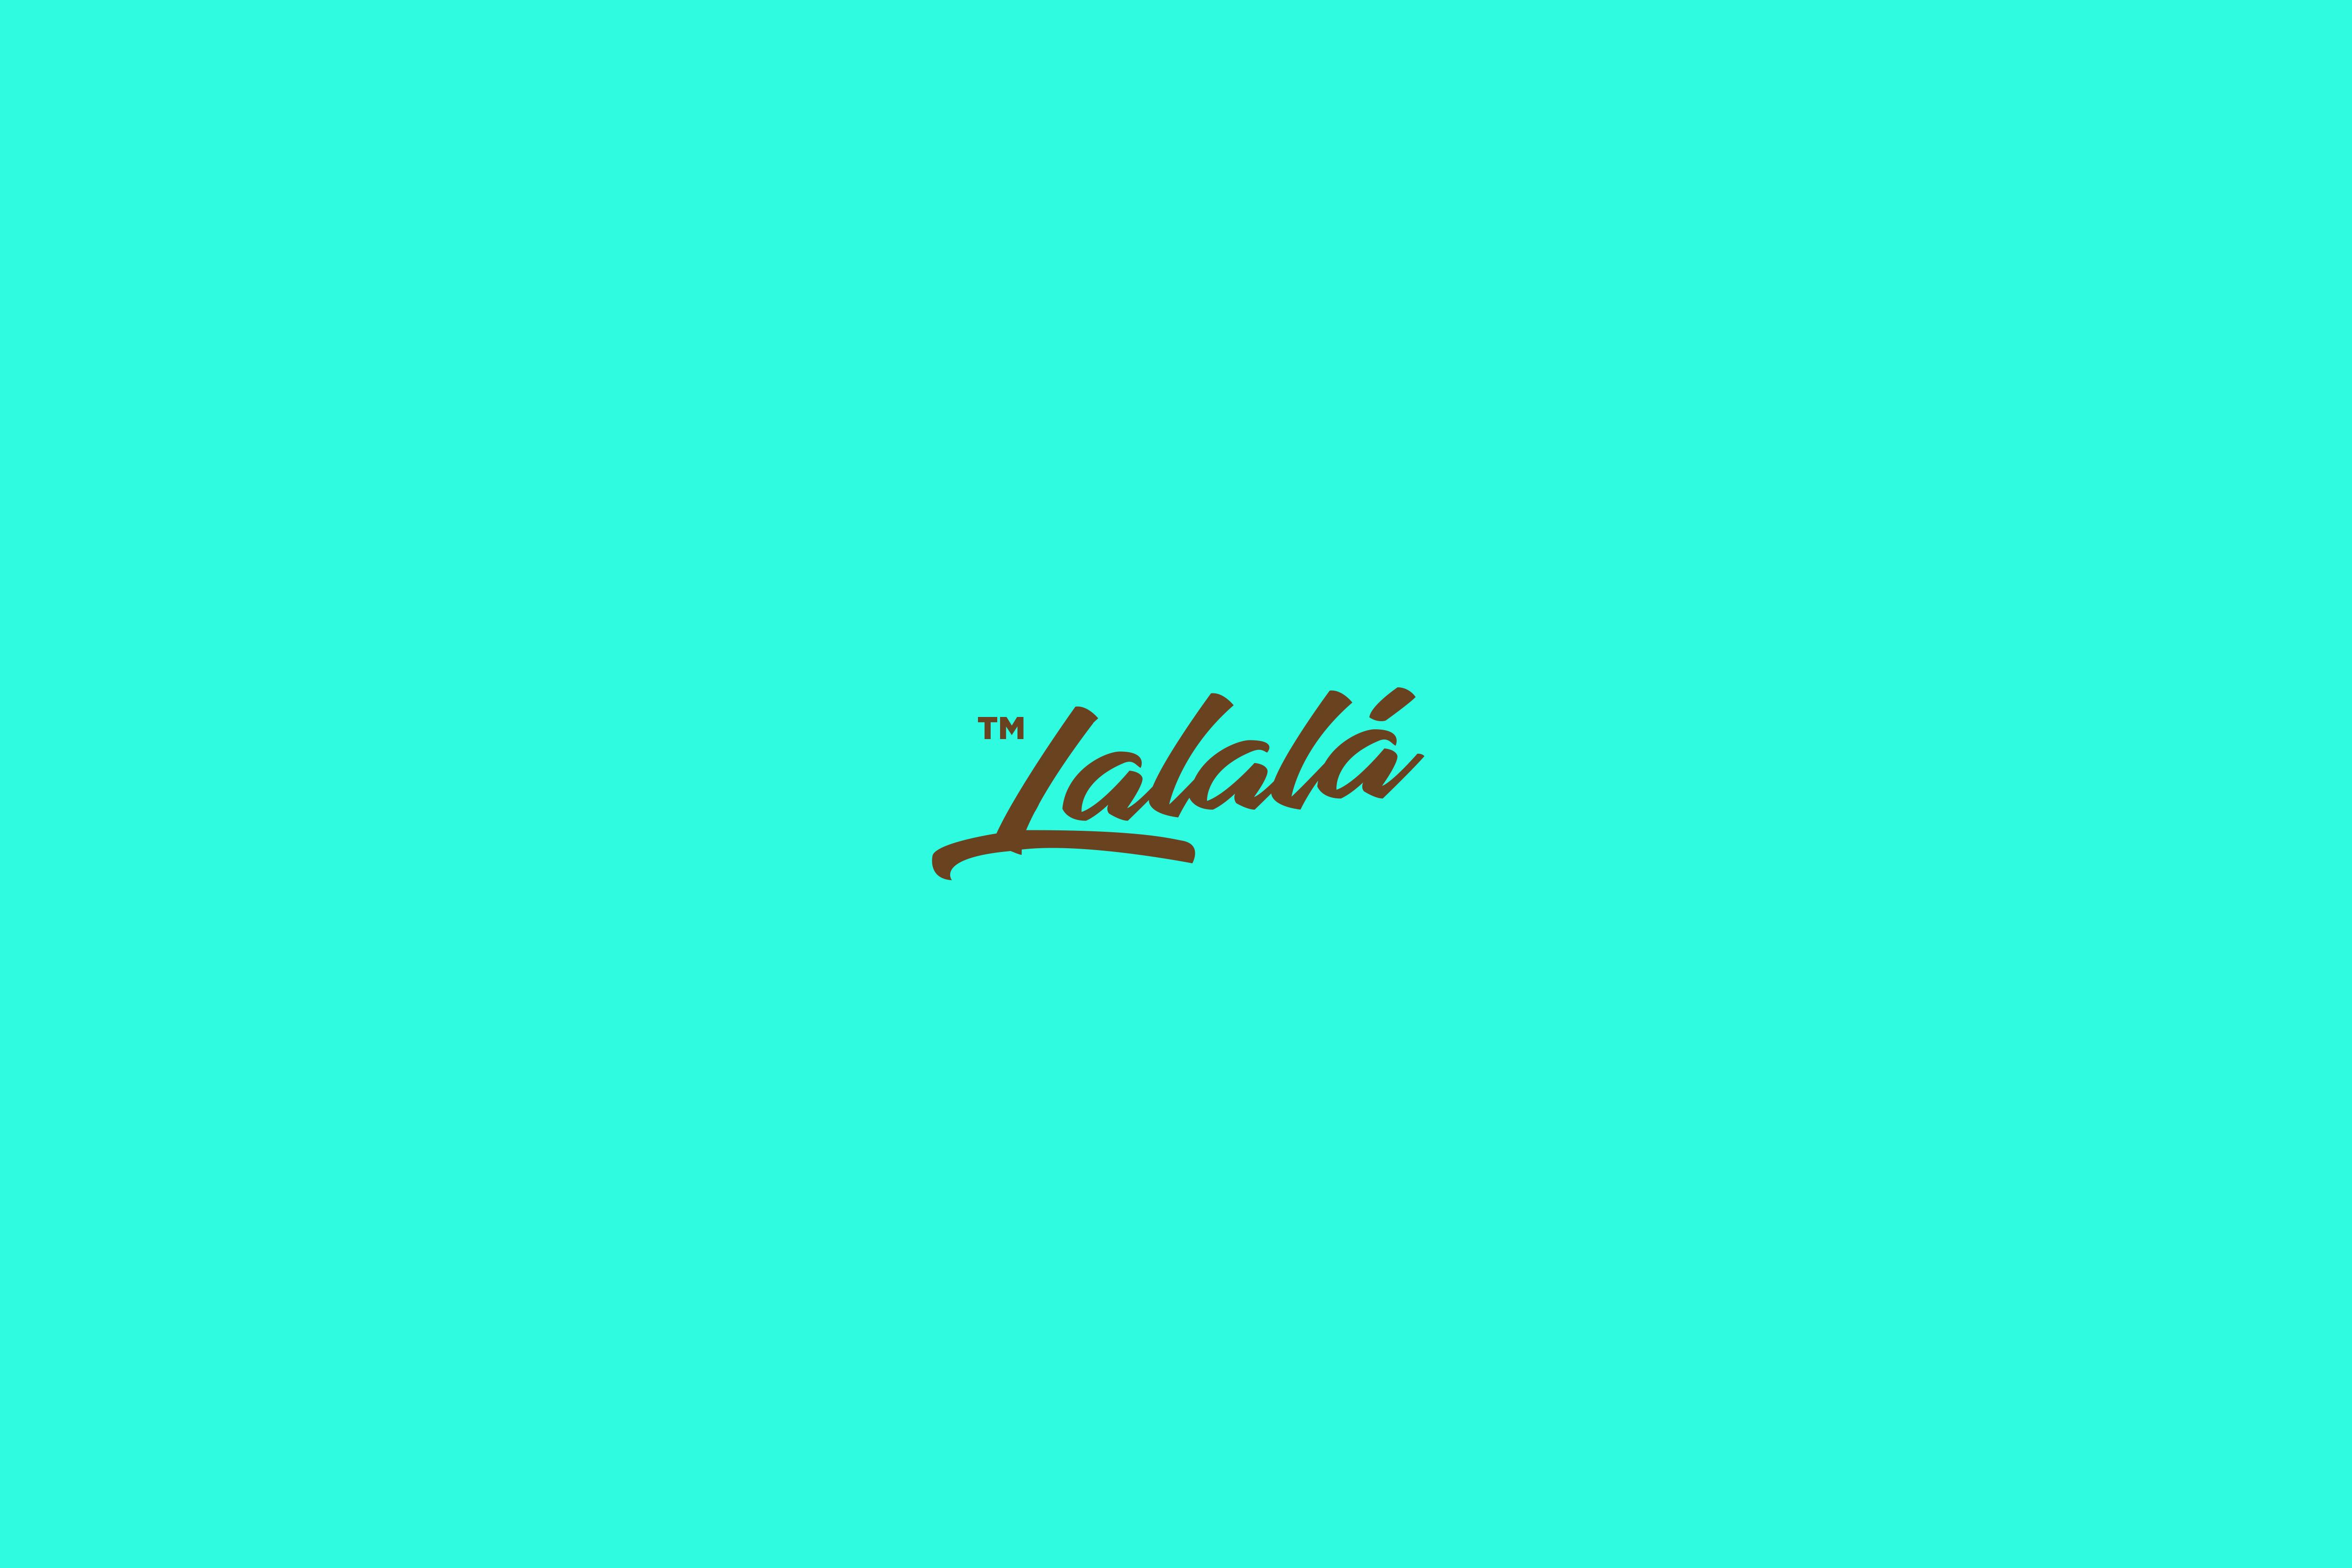 Logotipo y aplicacion de marca en la bolsa